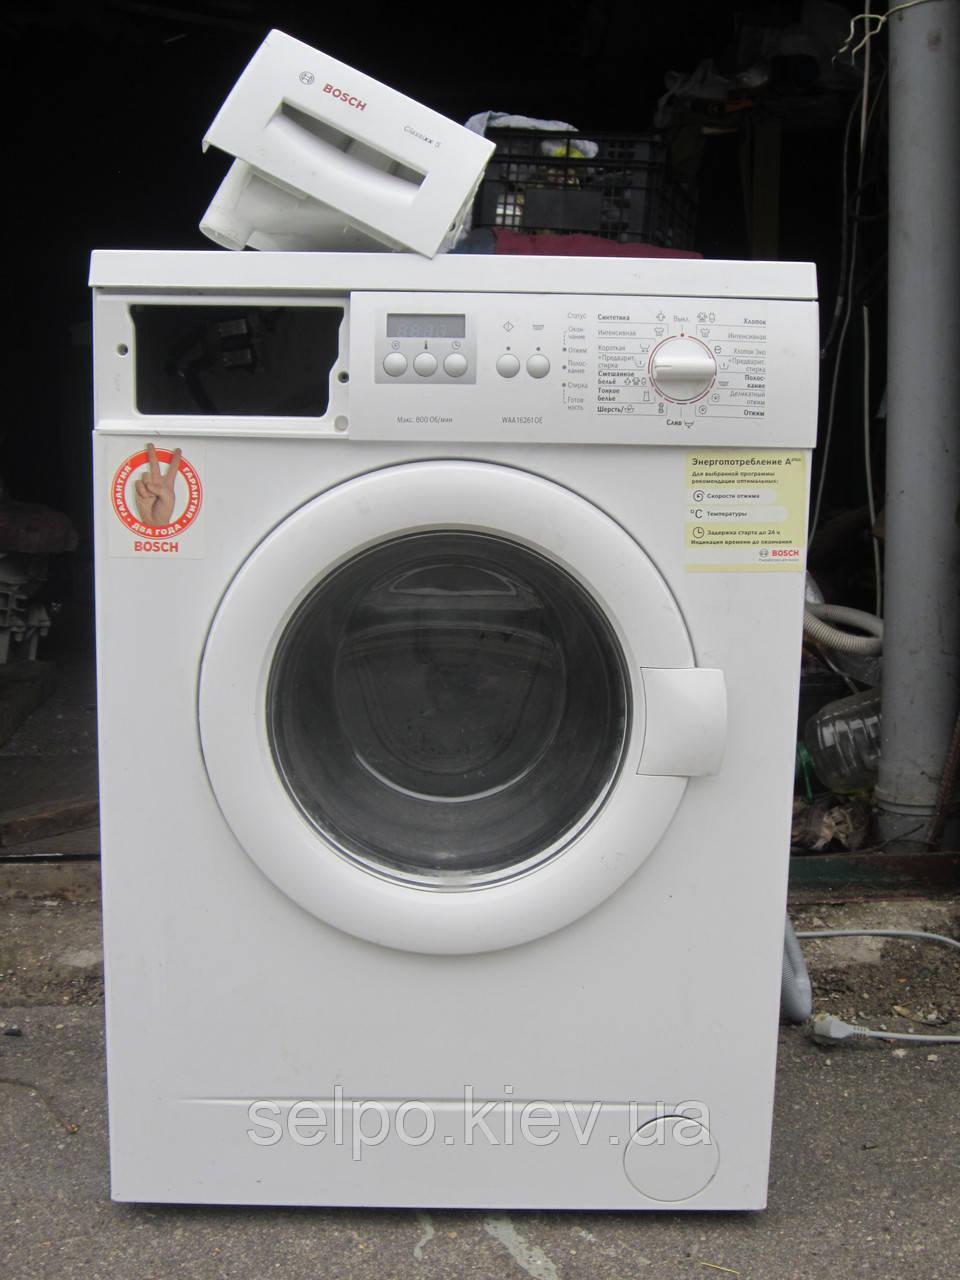 панель управления стиральной машины бош классик 5 инструкция